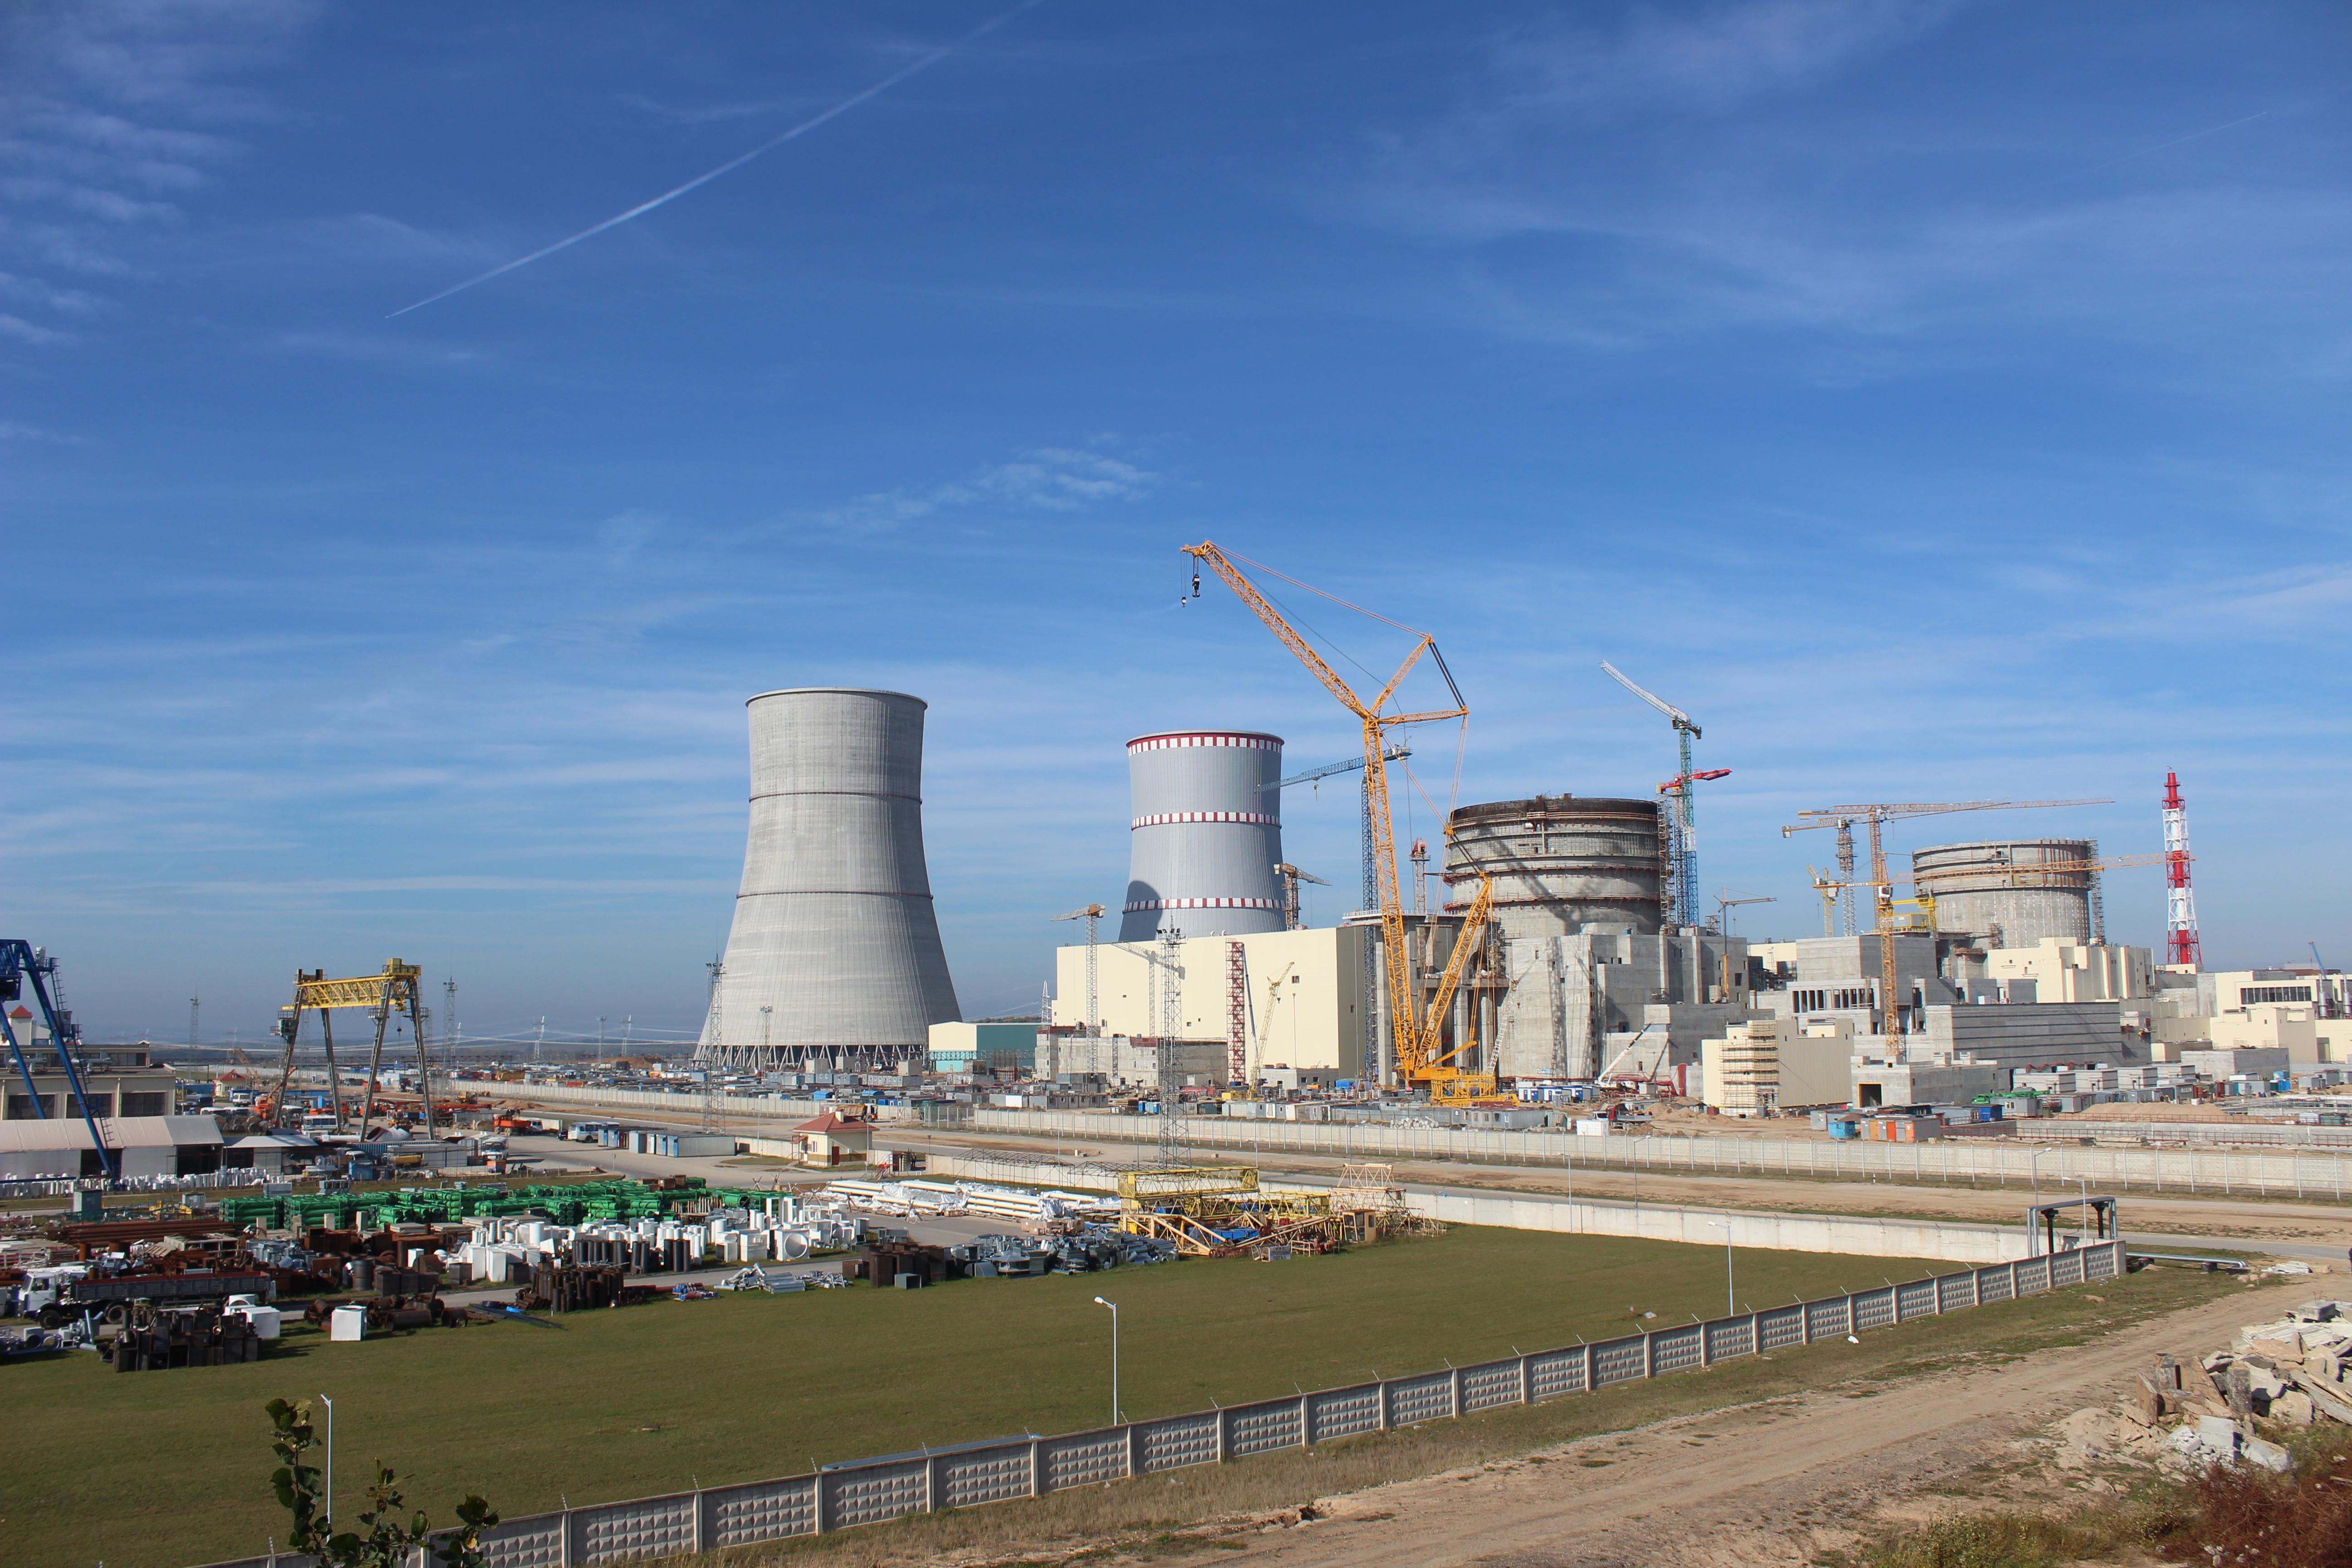 Fehéroroszországban még gyorsan, a választás előtt megkezdték az új atomerőmű beüzemelését